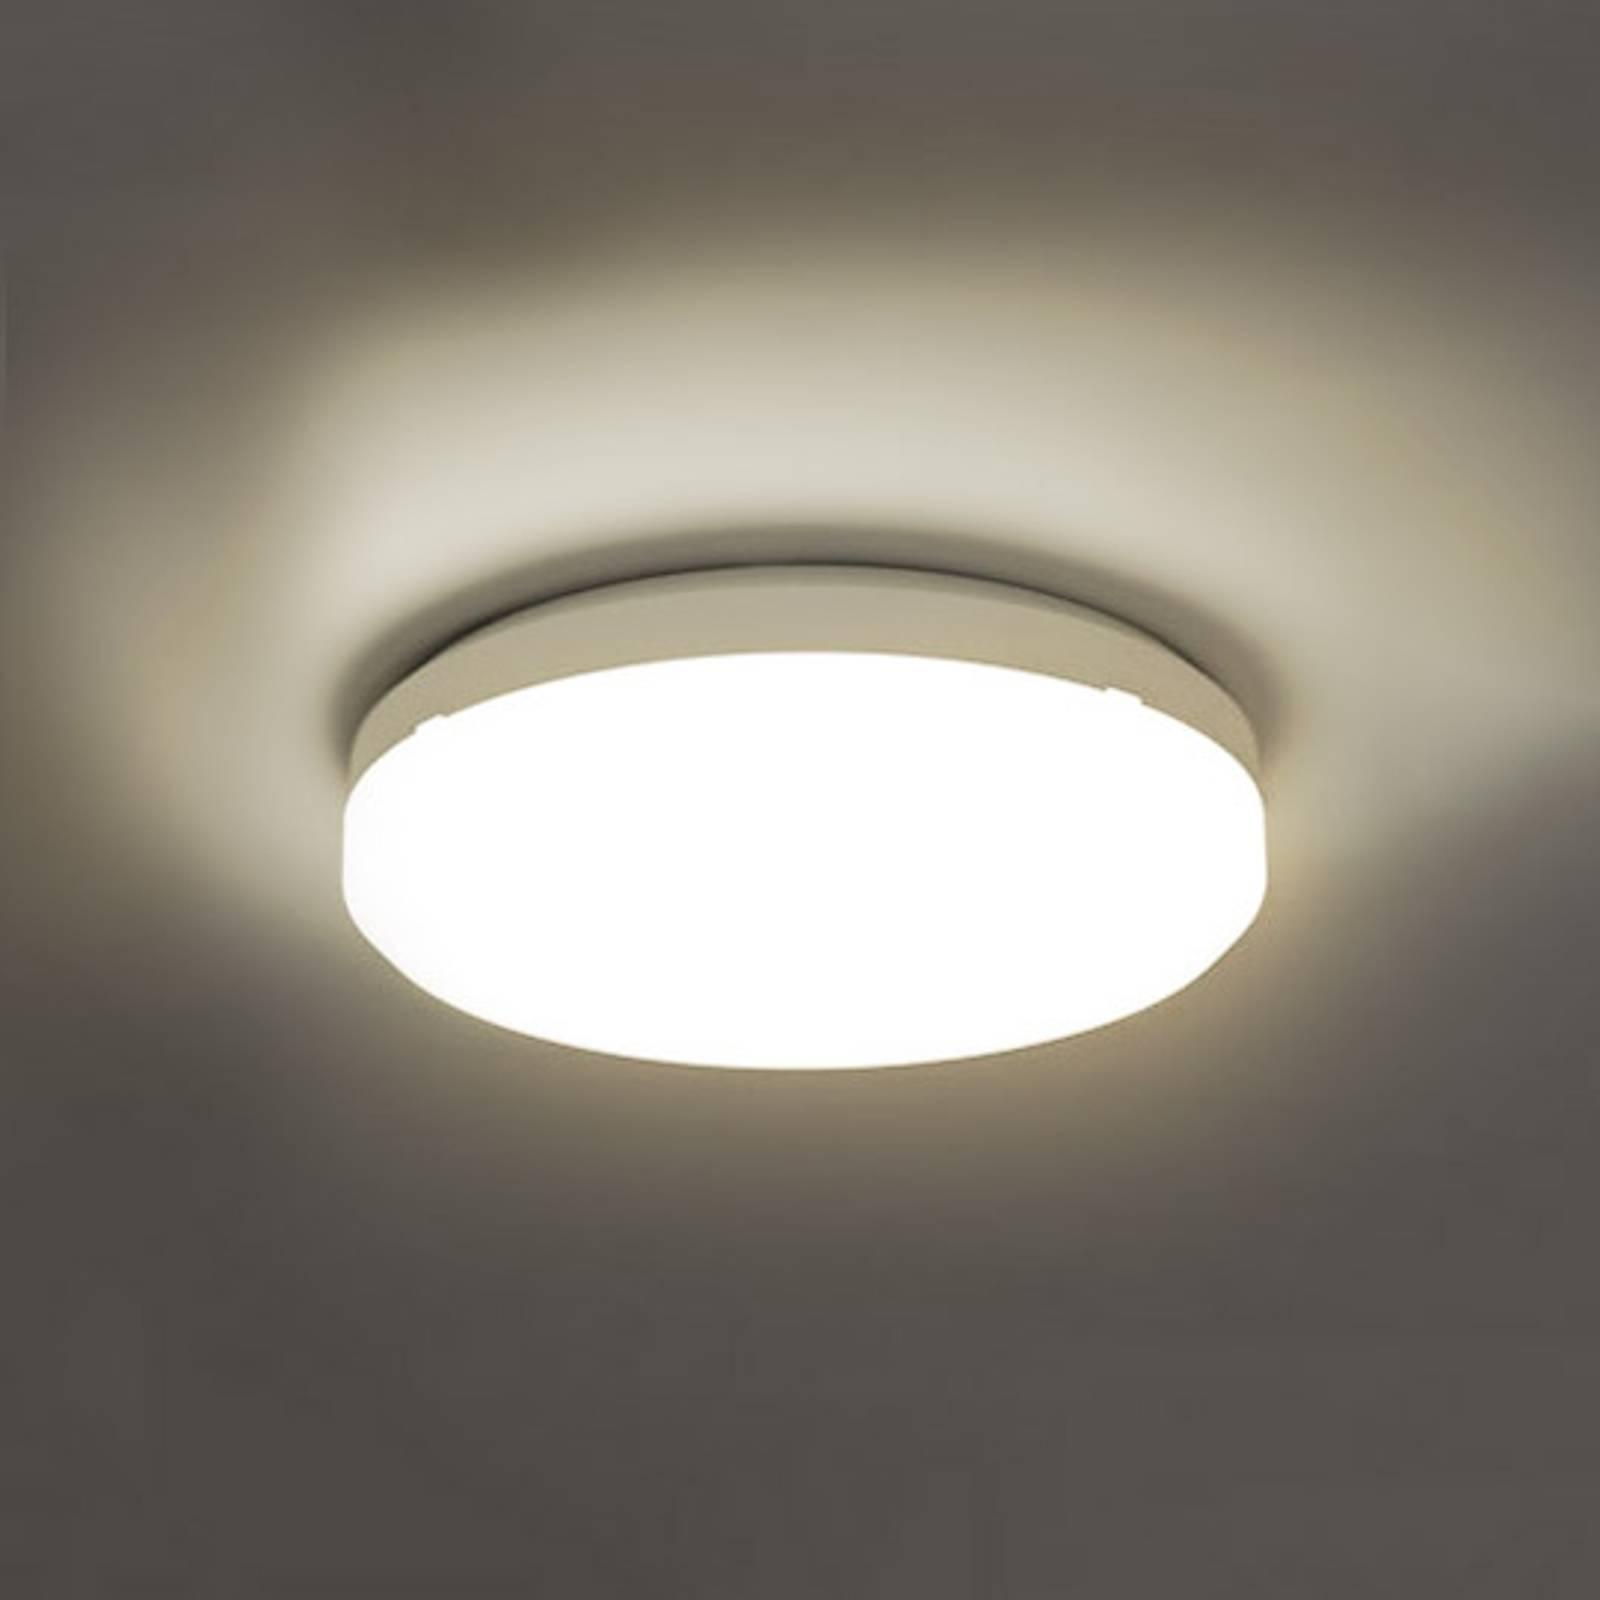 Bilde av Sun 15 Led-taklampe, Ip65, 18 W, 3000 K, Varmhvitt